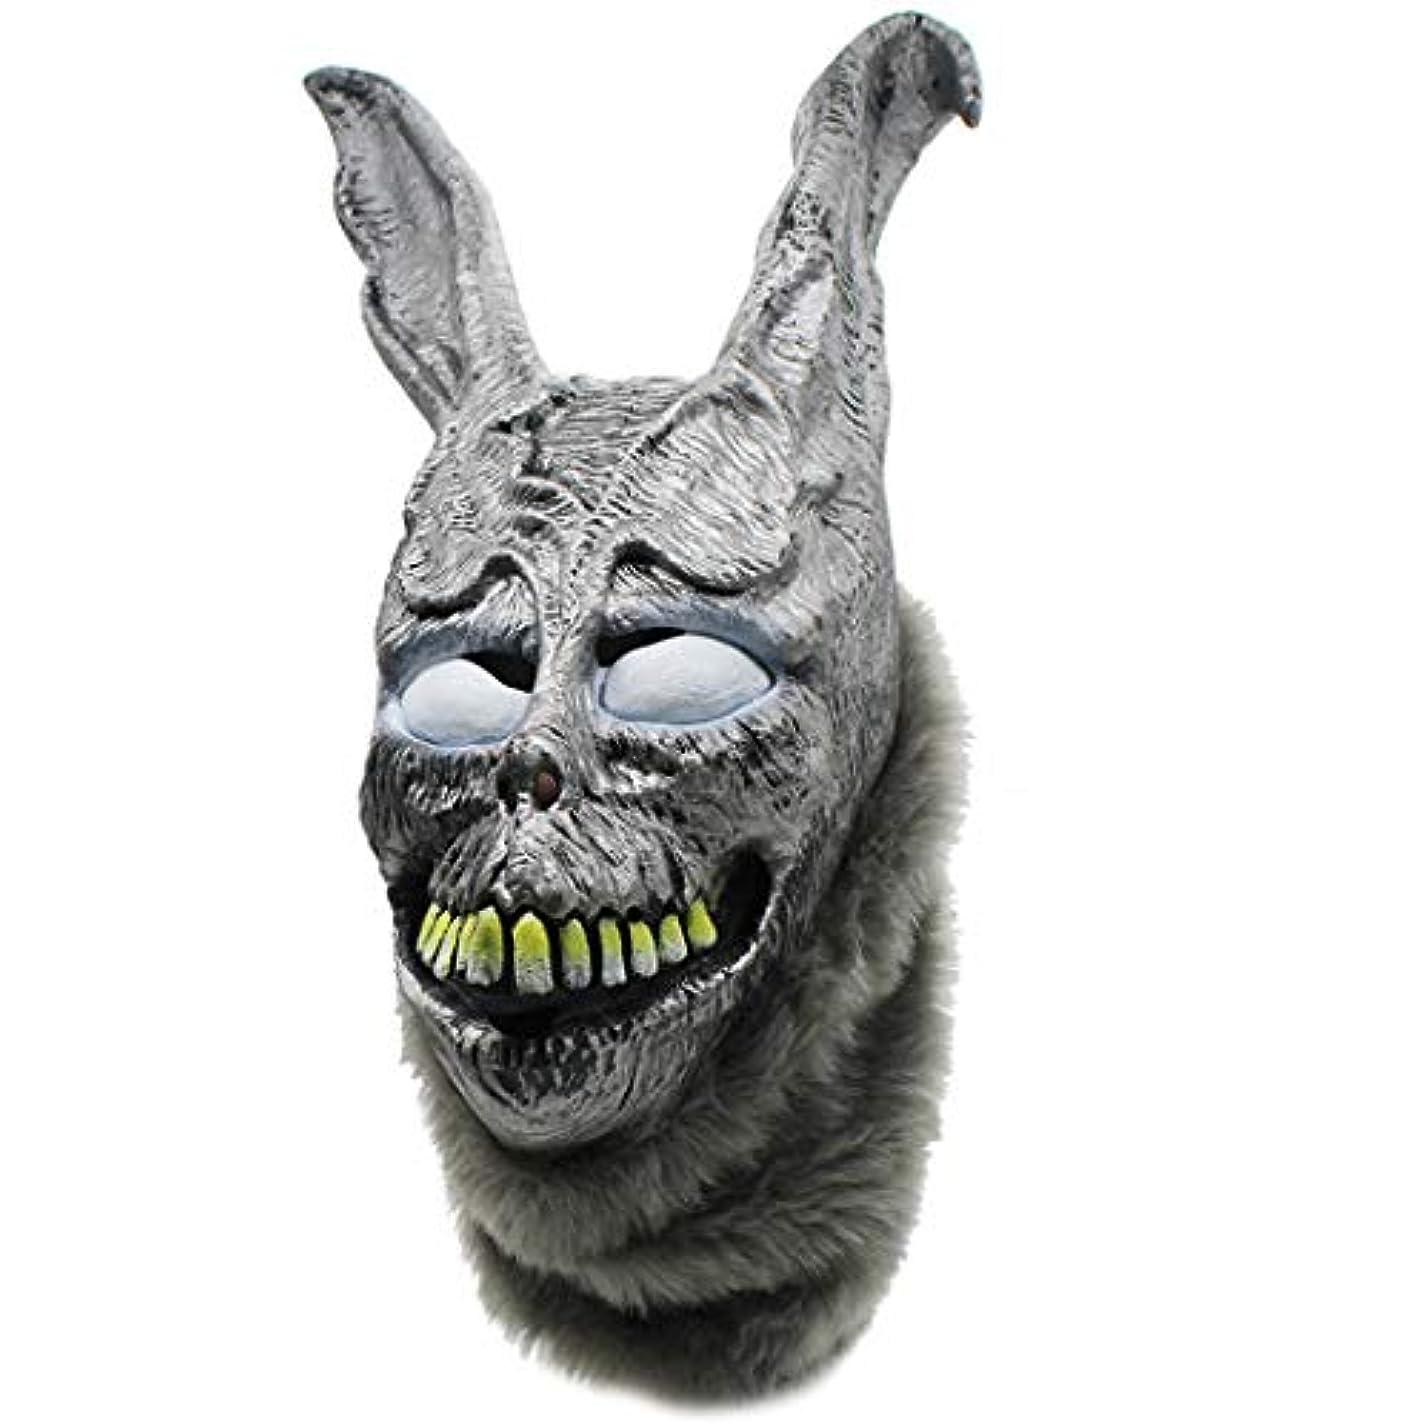 上げる付ける間違っている怒っているウサギのマスクフランク悪シルバーラビットアニマルヘッドギアパーティーアニマルマスク